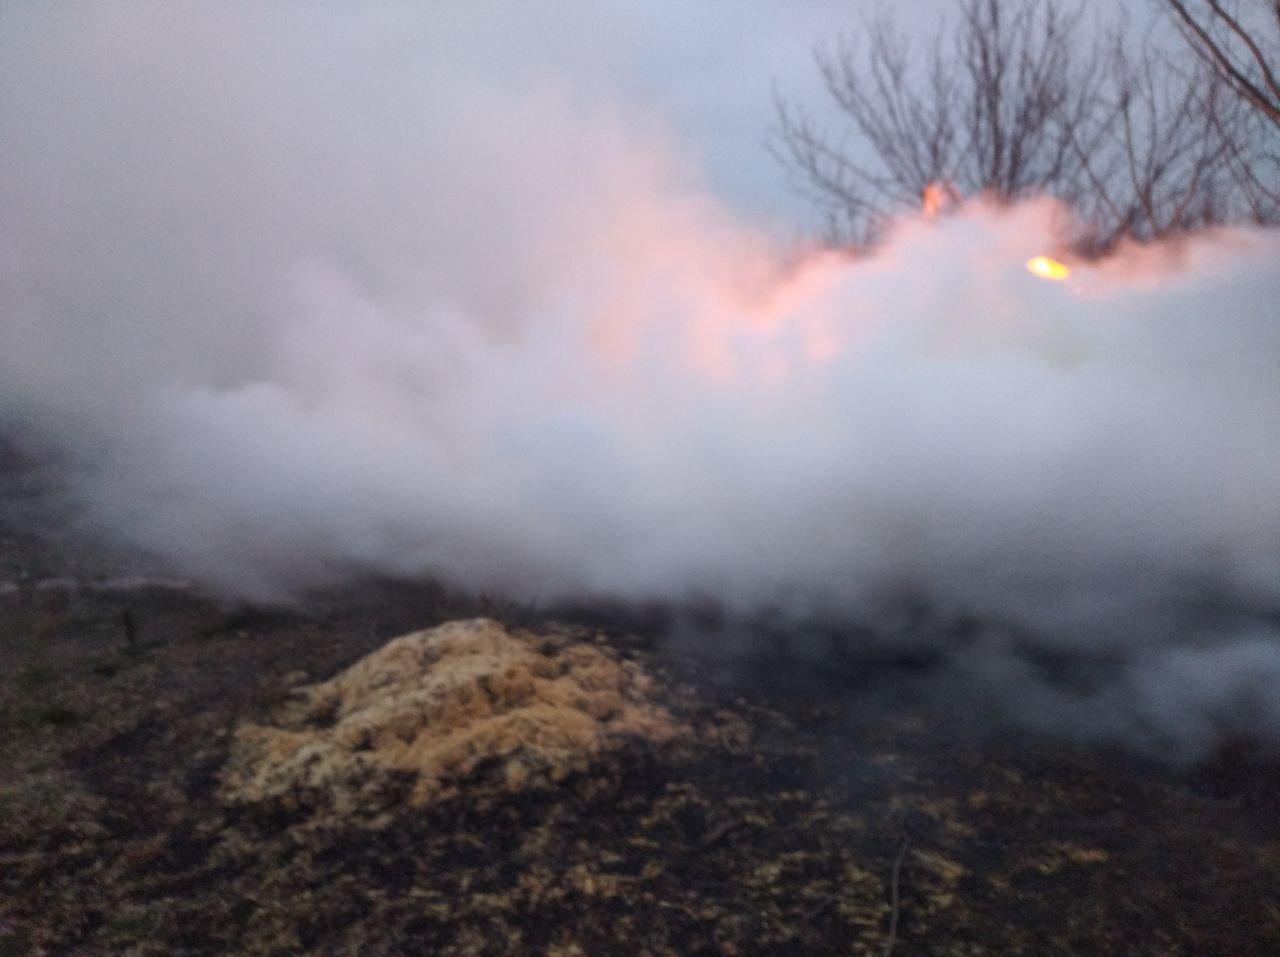 На Харьковщине неизвестные подожгли тонну заготовленной соломы, - ФОТО, фото-4